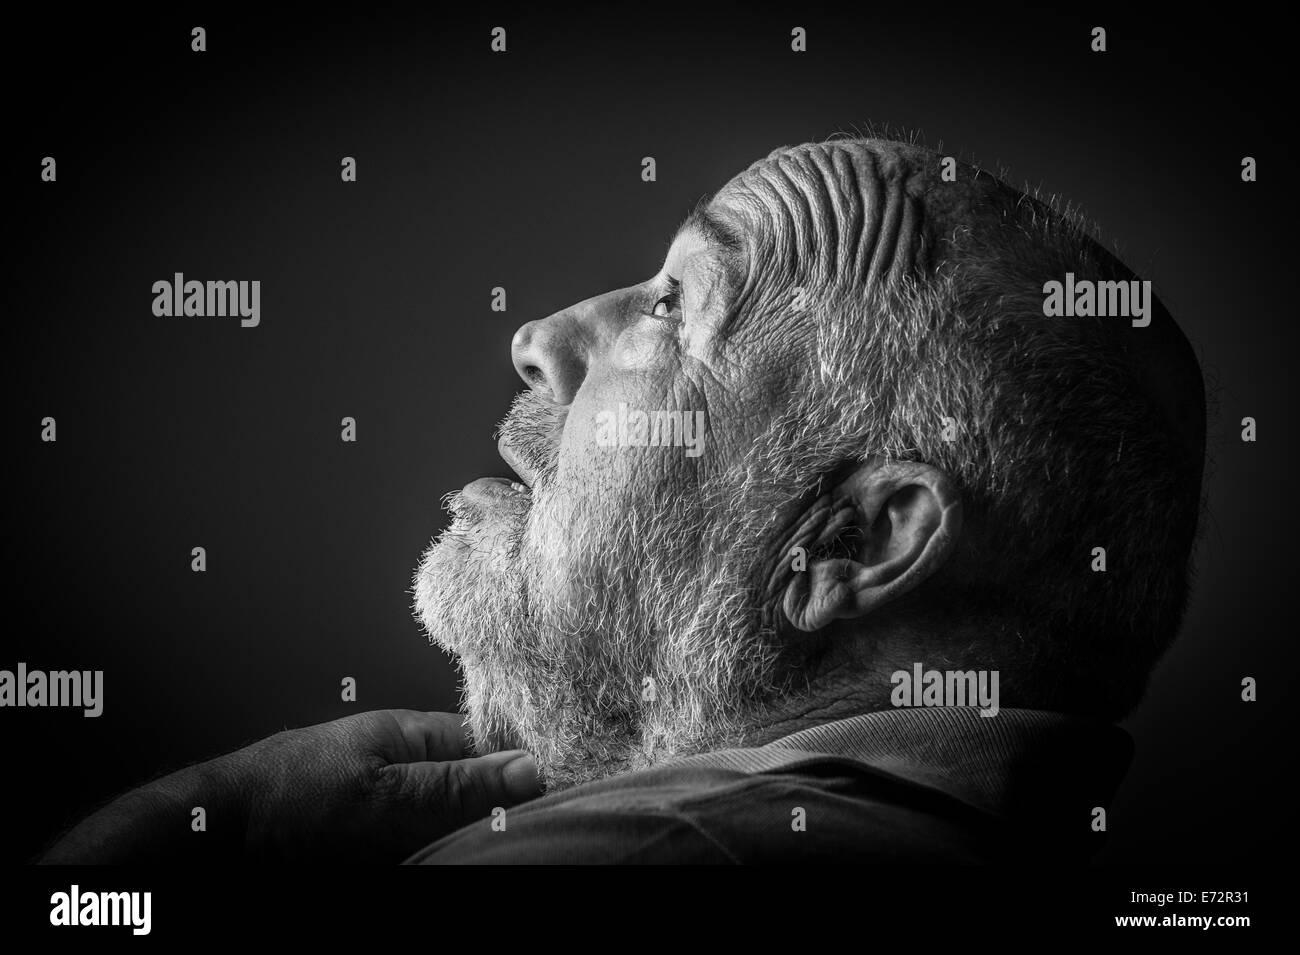 old man choking - Stock Image